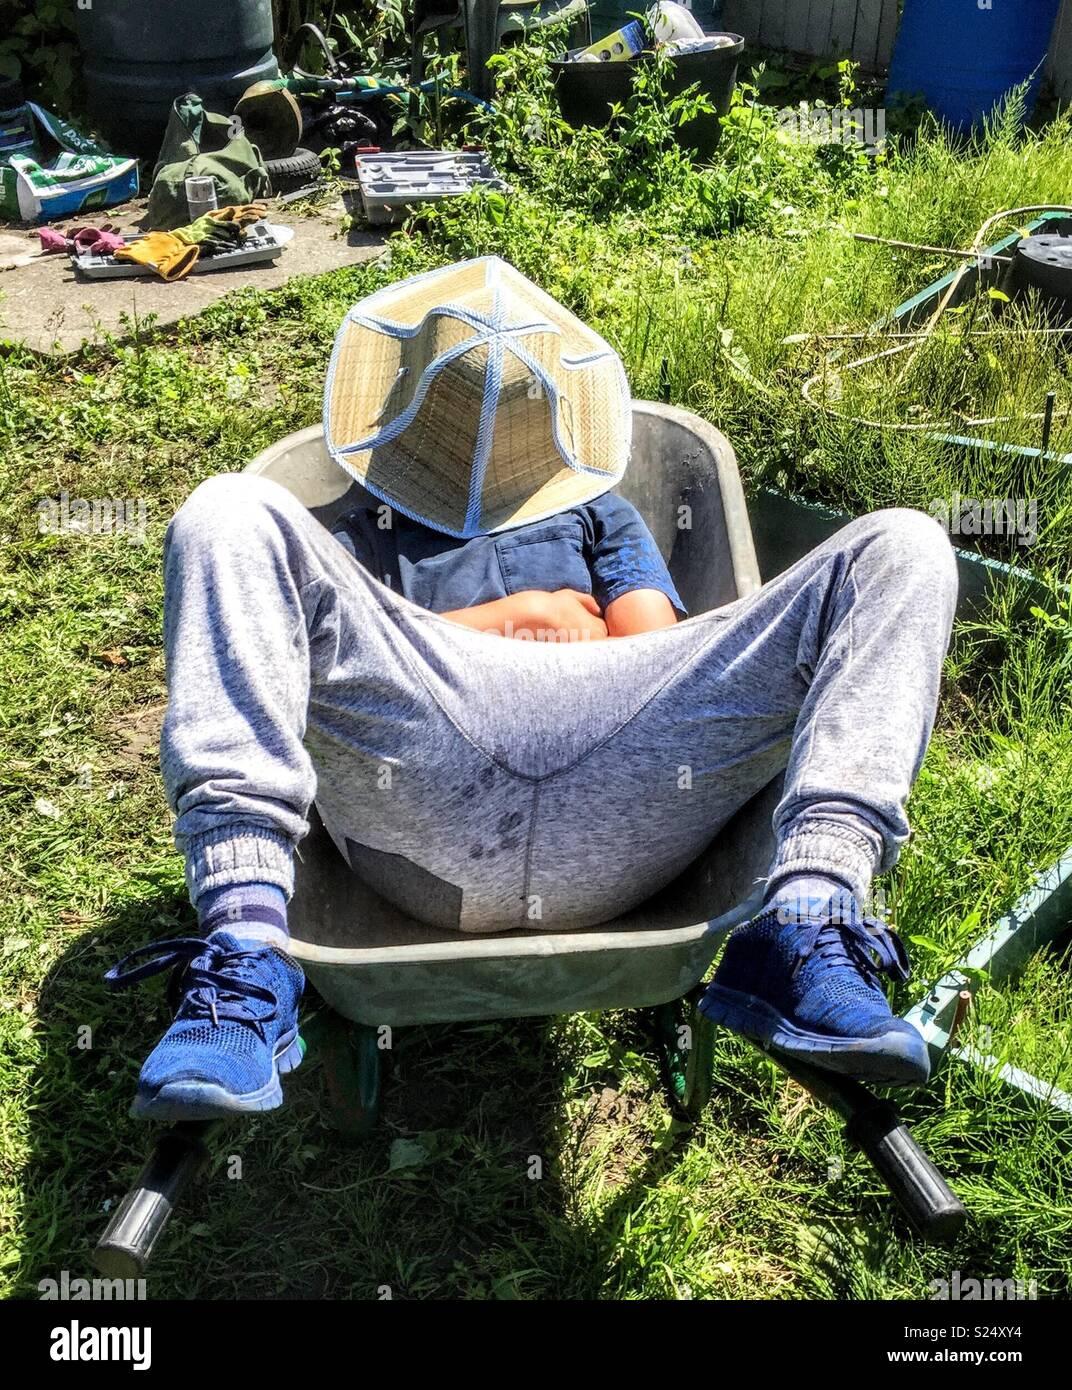 Dormindo em um carrinho de mão Imagens de Stock